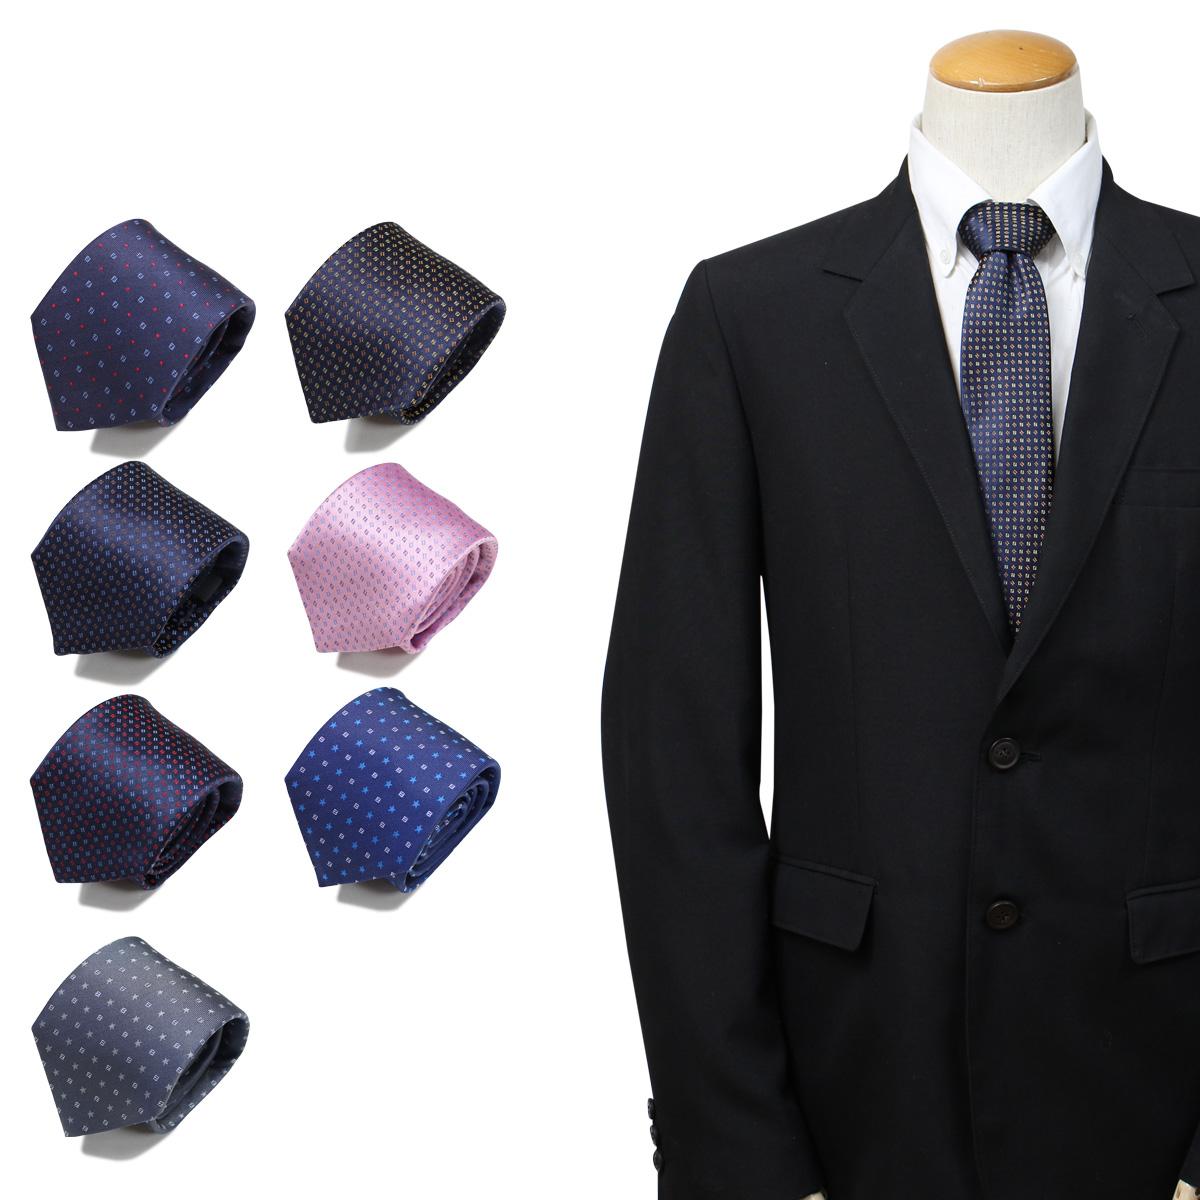 FENDI フェンディ ネクタイ メンズ イタリア製 シルク ビジネス 結婚式 [3/26 新入荷] [193]